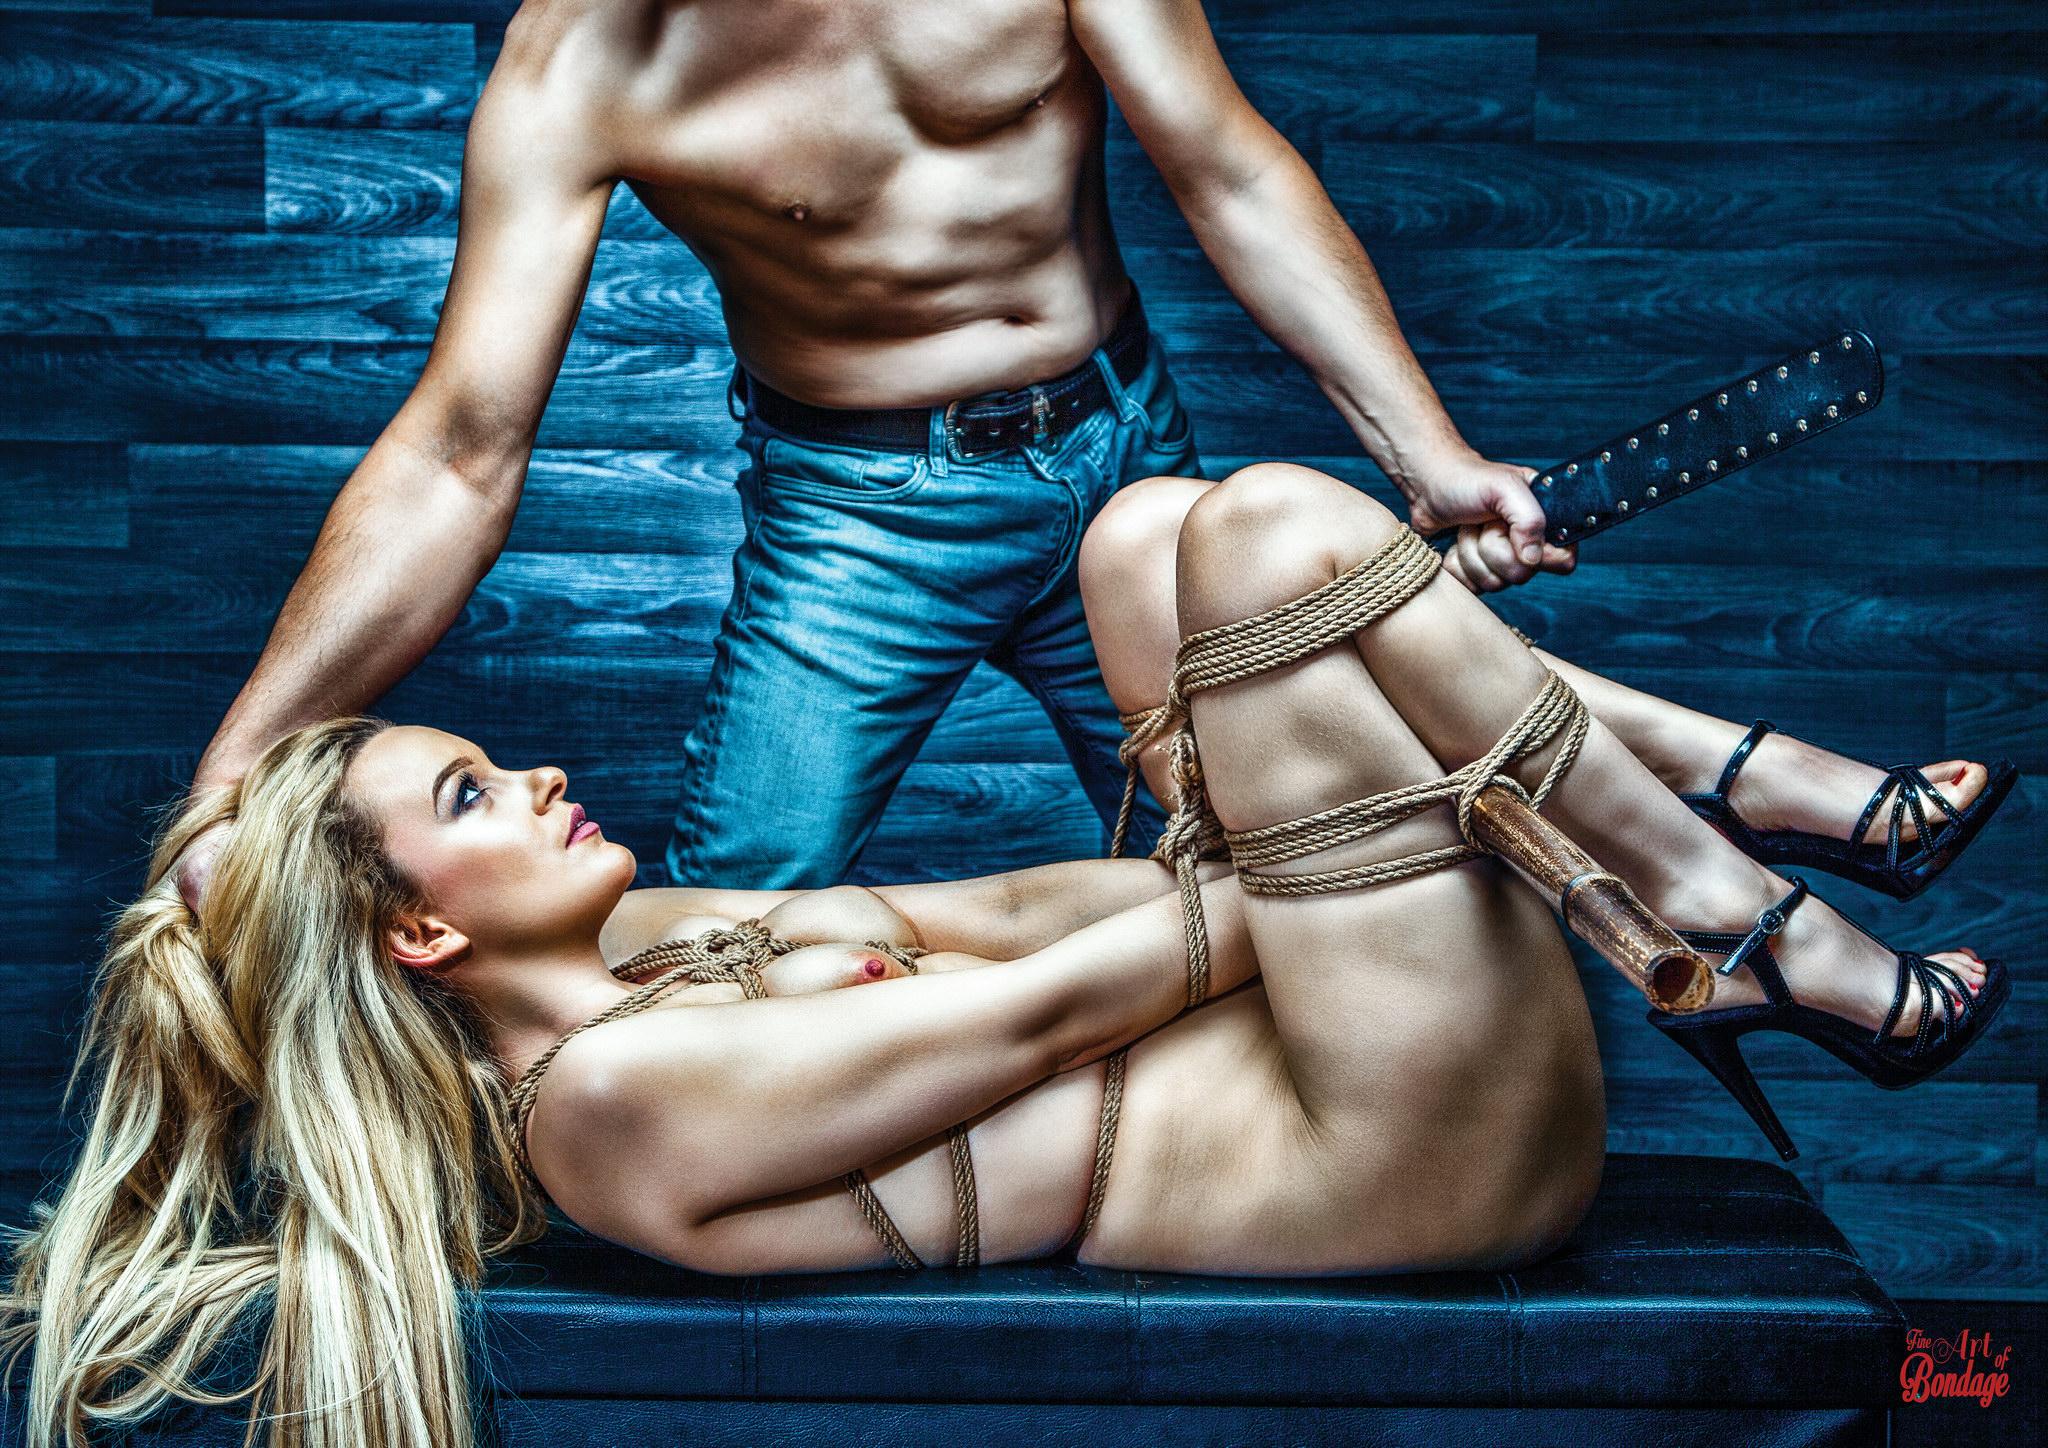 girl-rod-rosenbladt-bondage-of-the-will